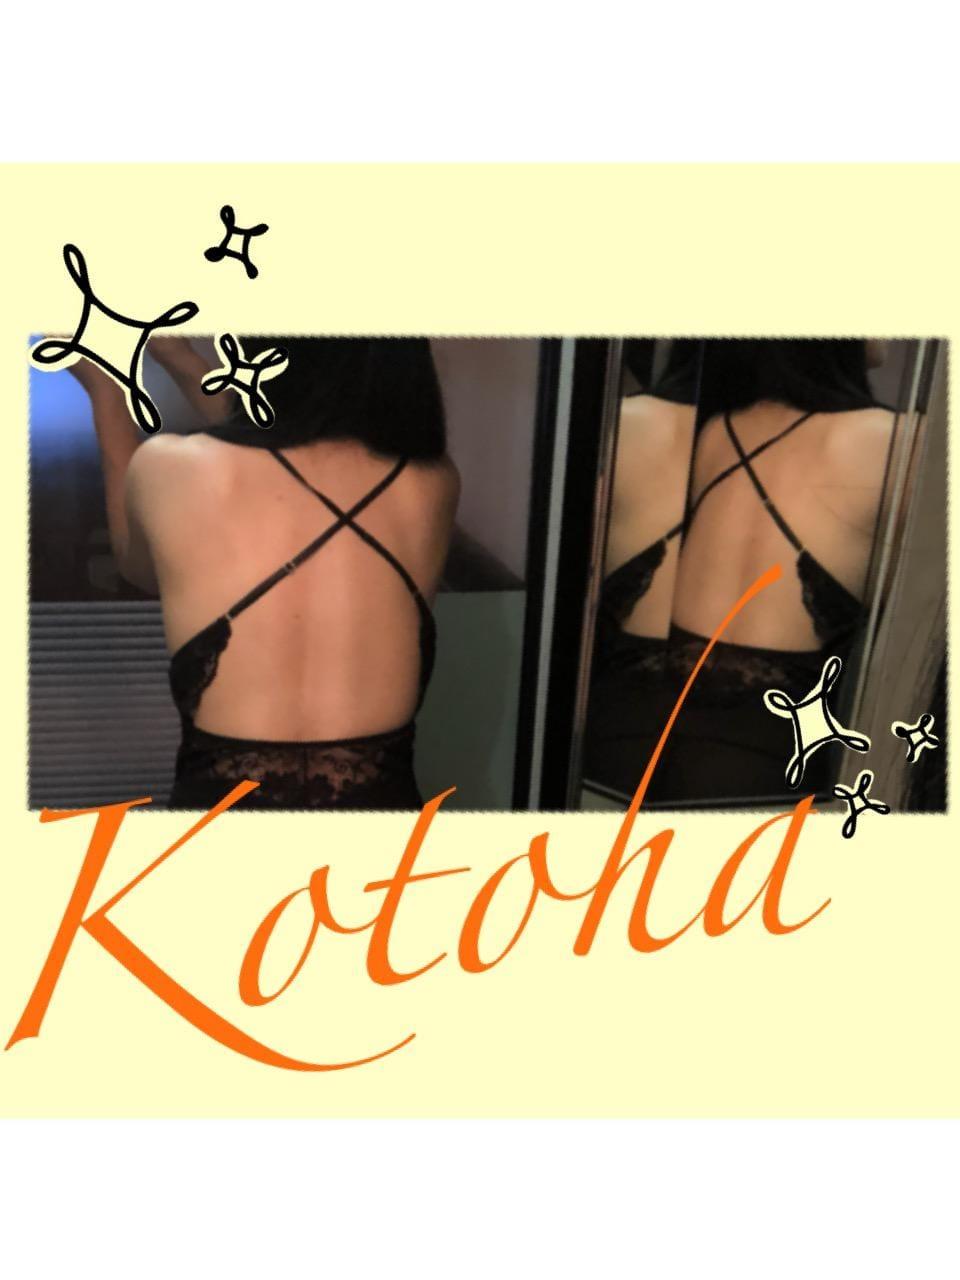 「しらなかった」09/27(09/27) 09:37   Kotoha(ことは)の写メ・風俗動画